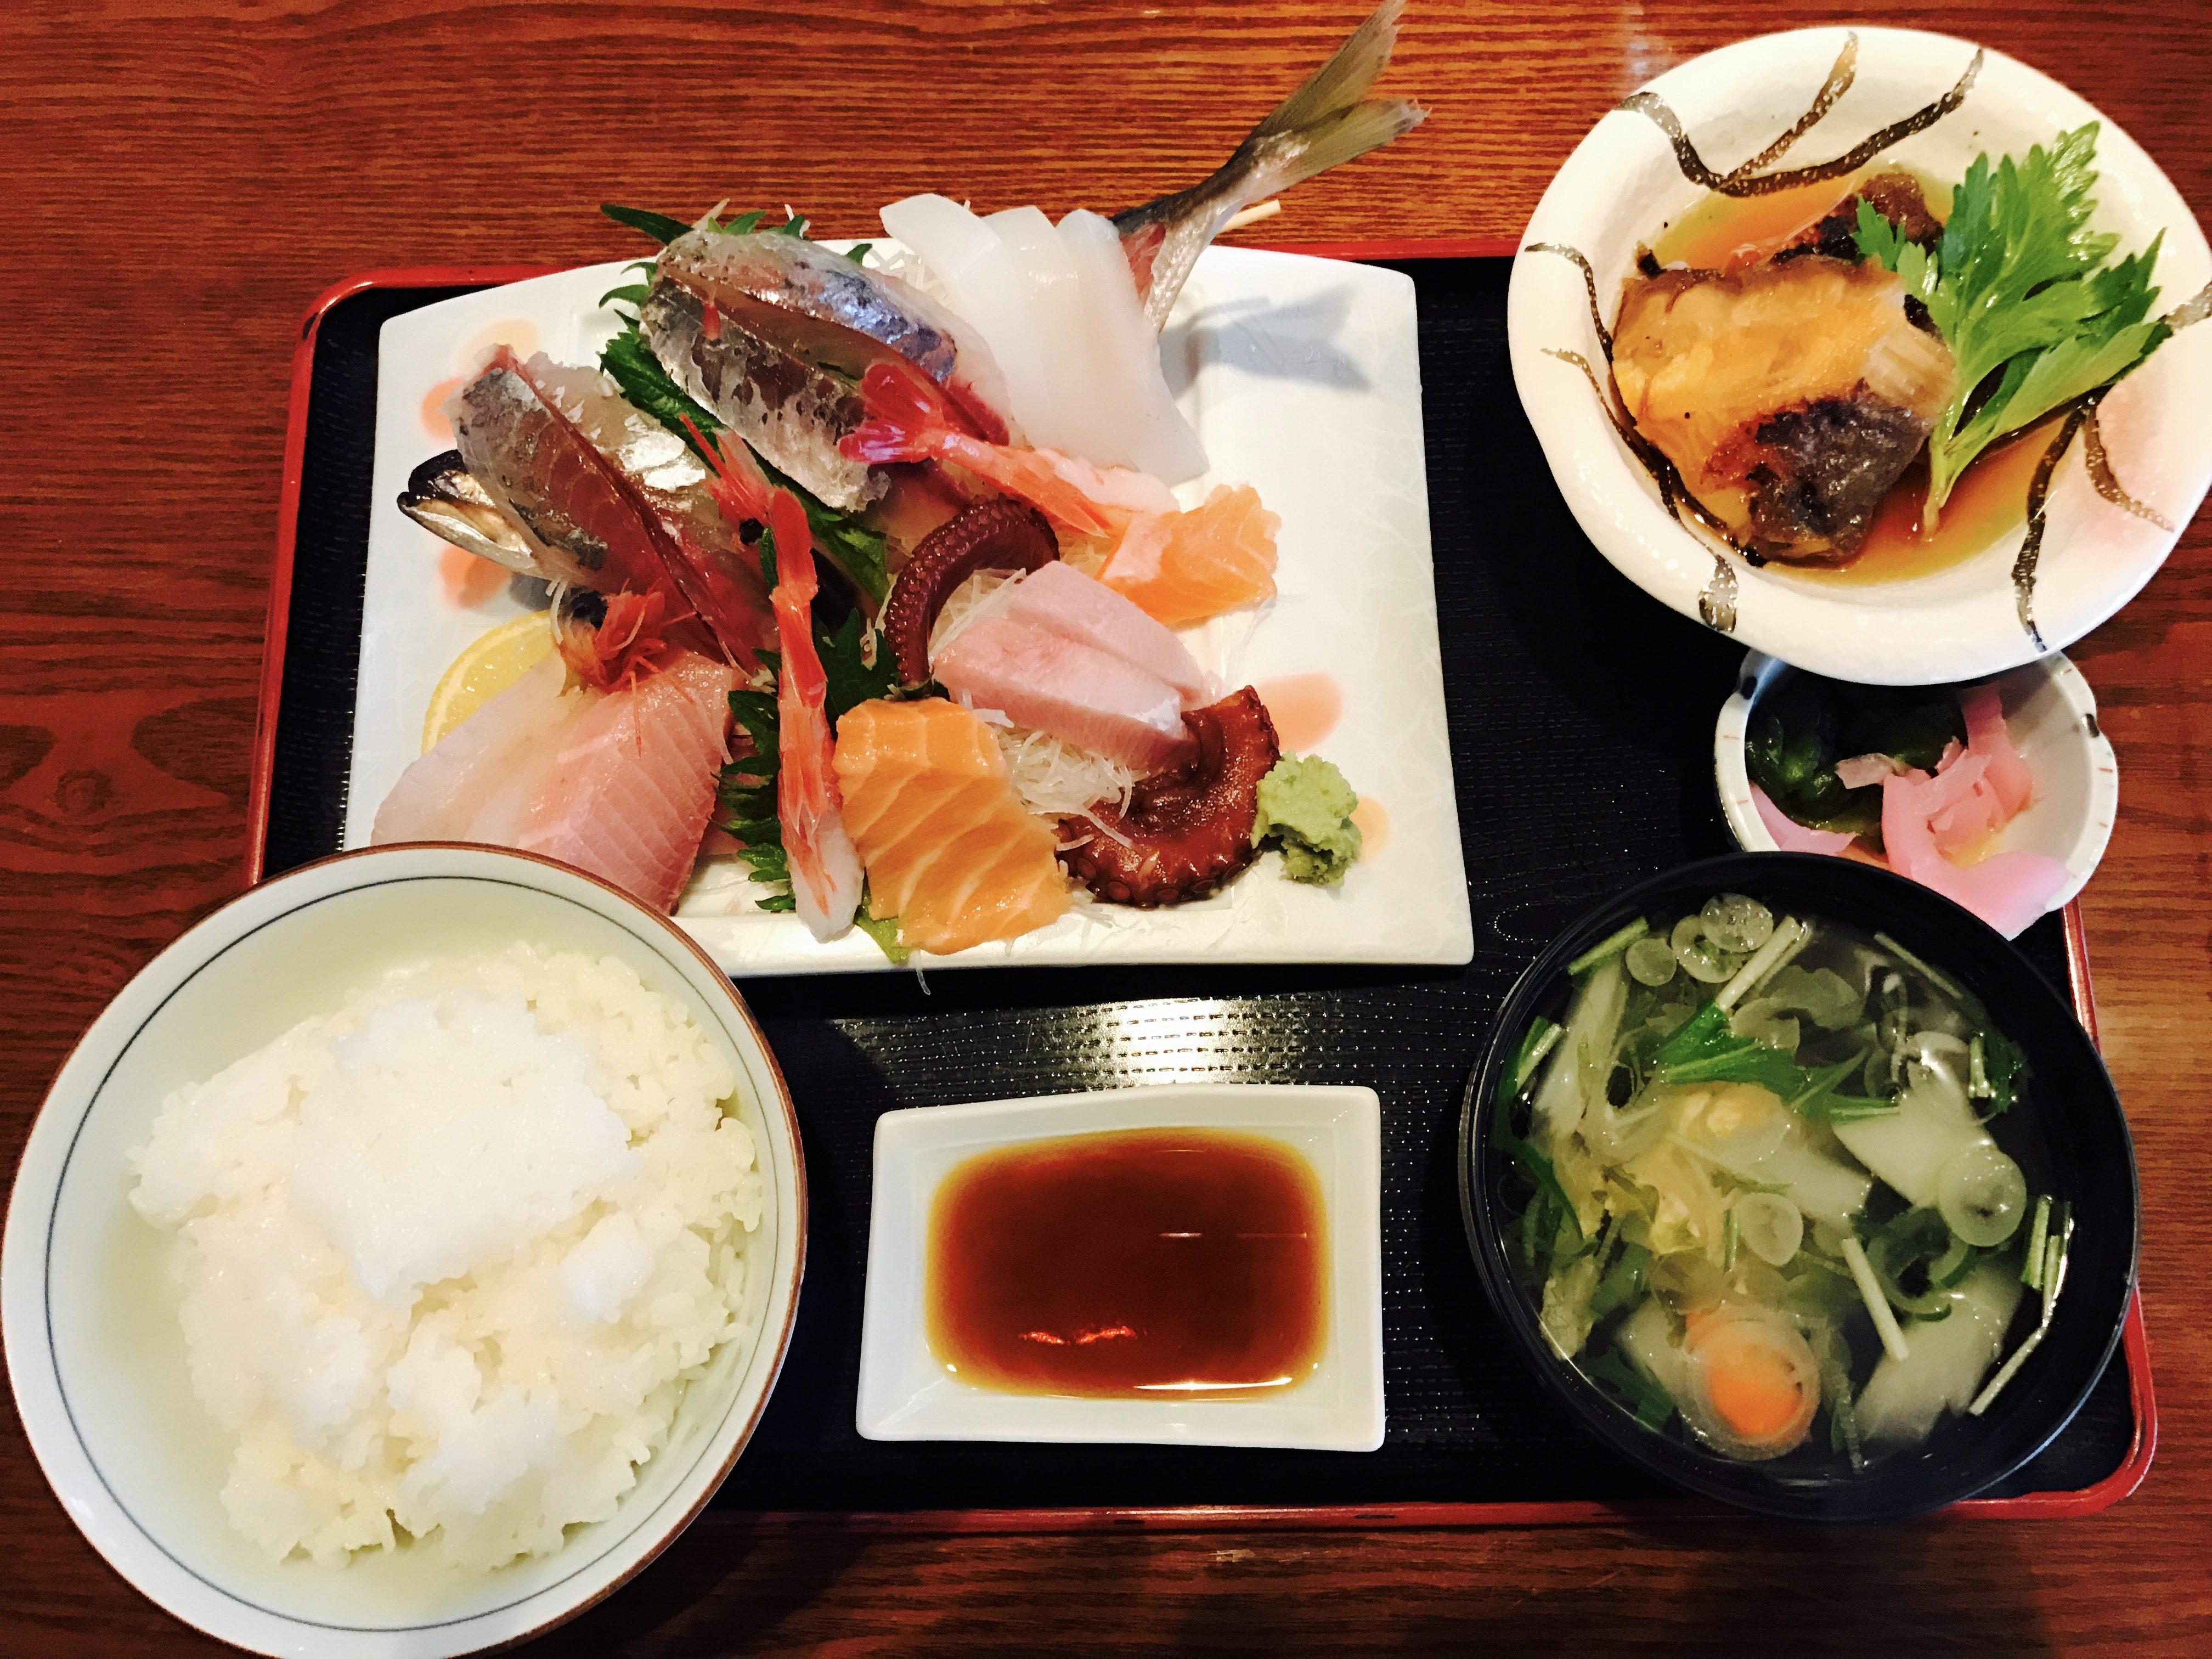 新潟県寺泊の料亭さざえの刺身定食